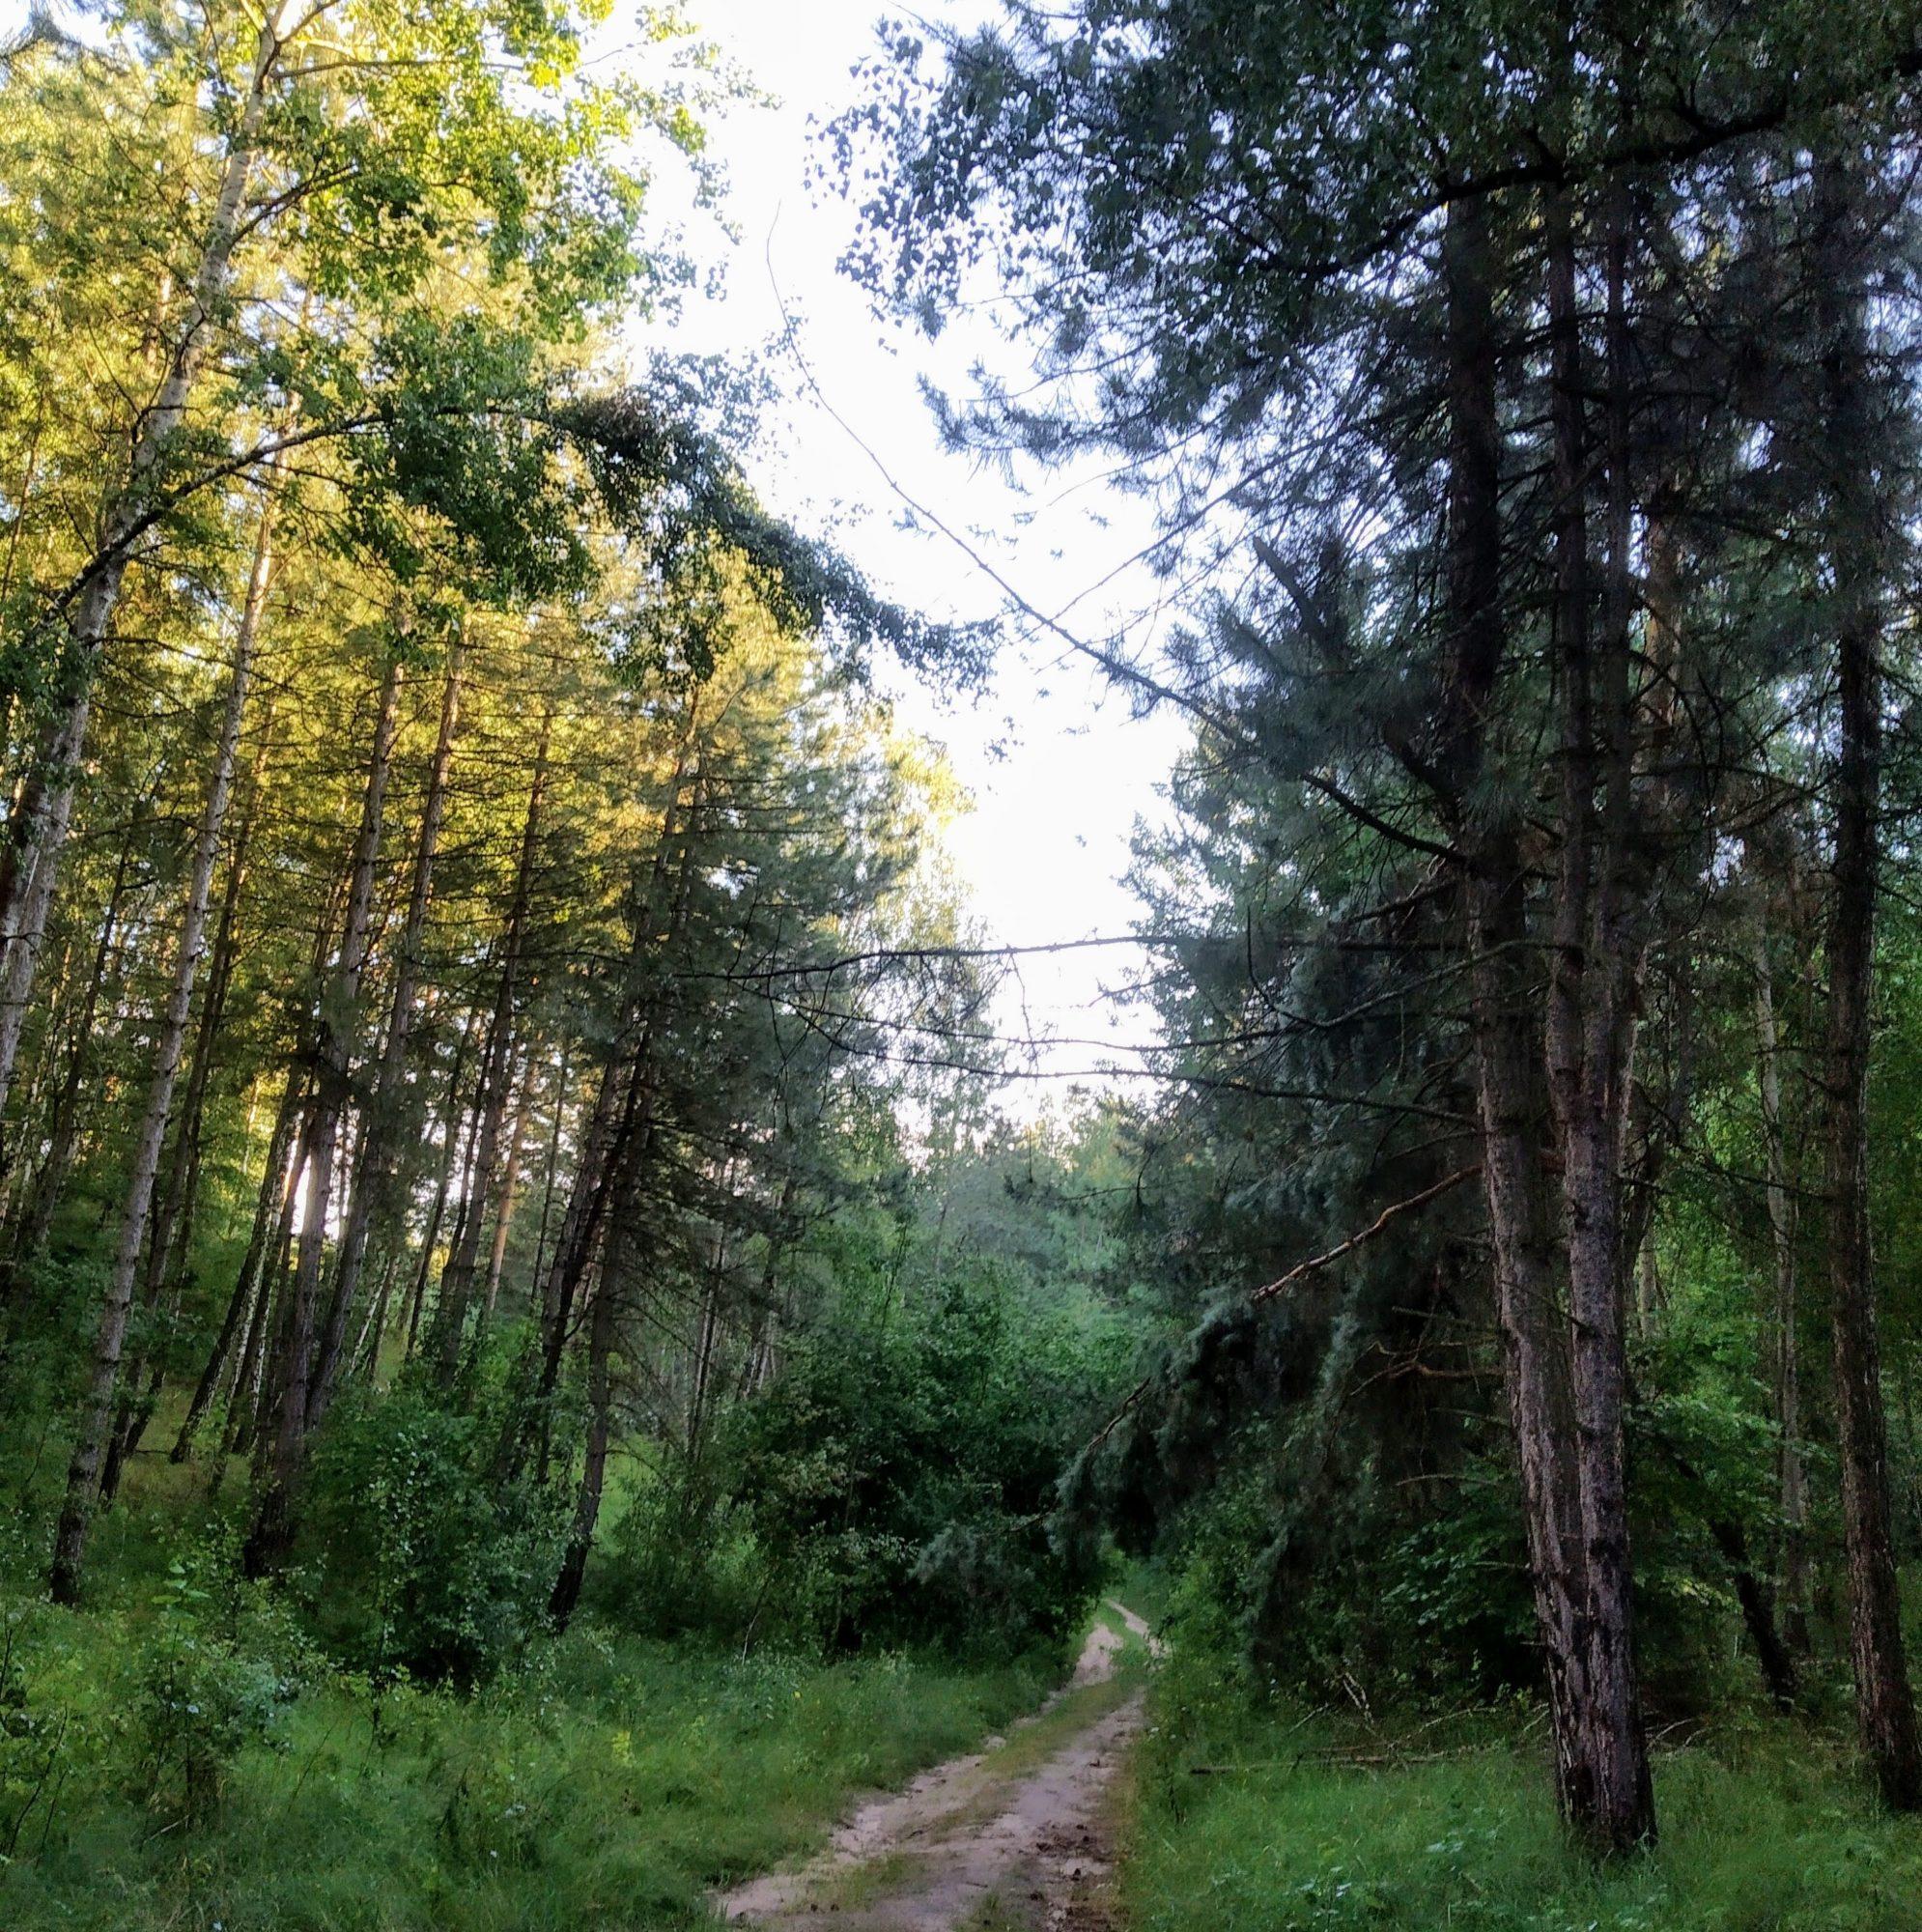 IMG_20190712_192017-1990x2000 Суд з'ясовуватиме, чиї насправді 5 га лісу на Обухівщині